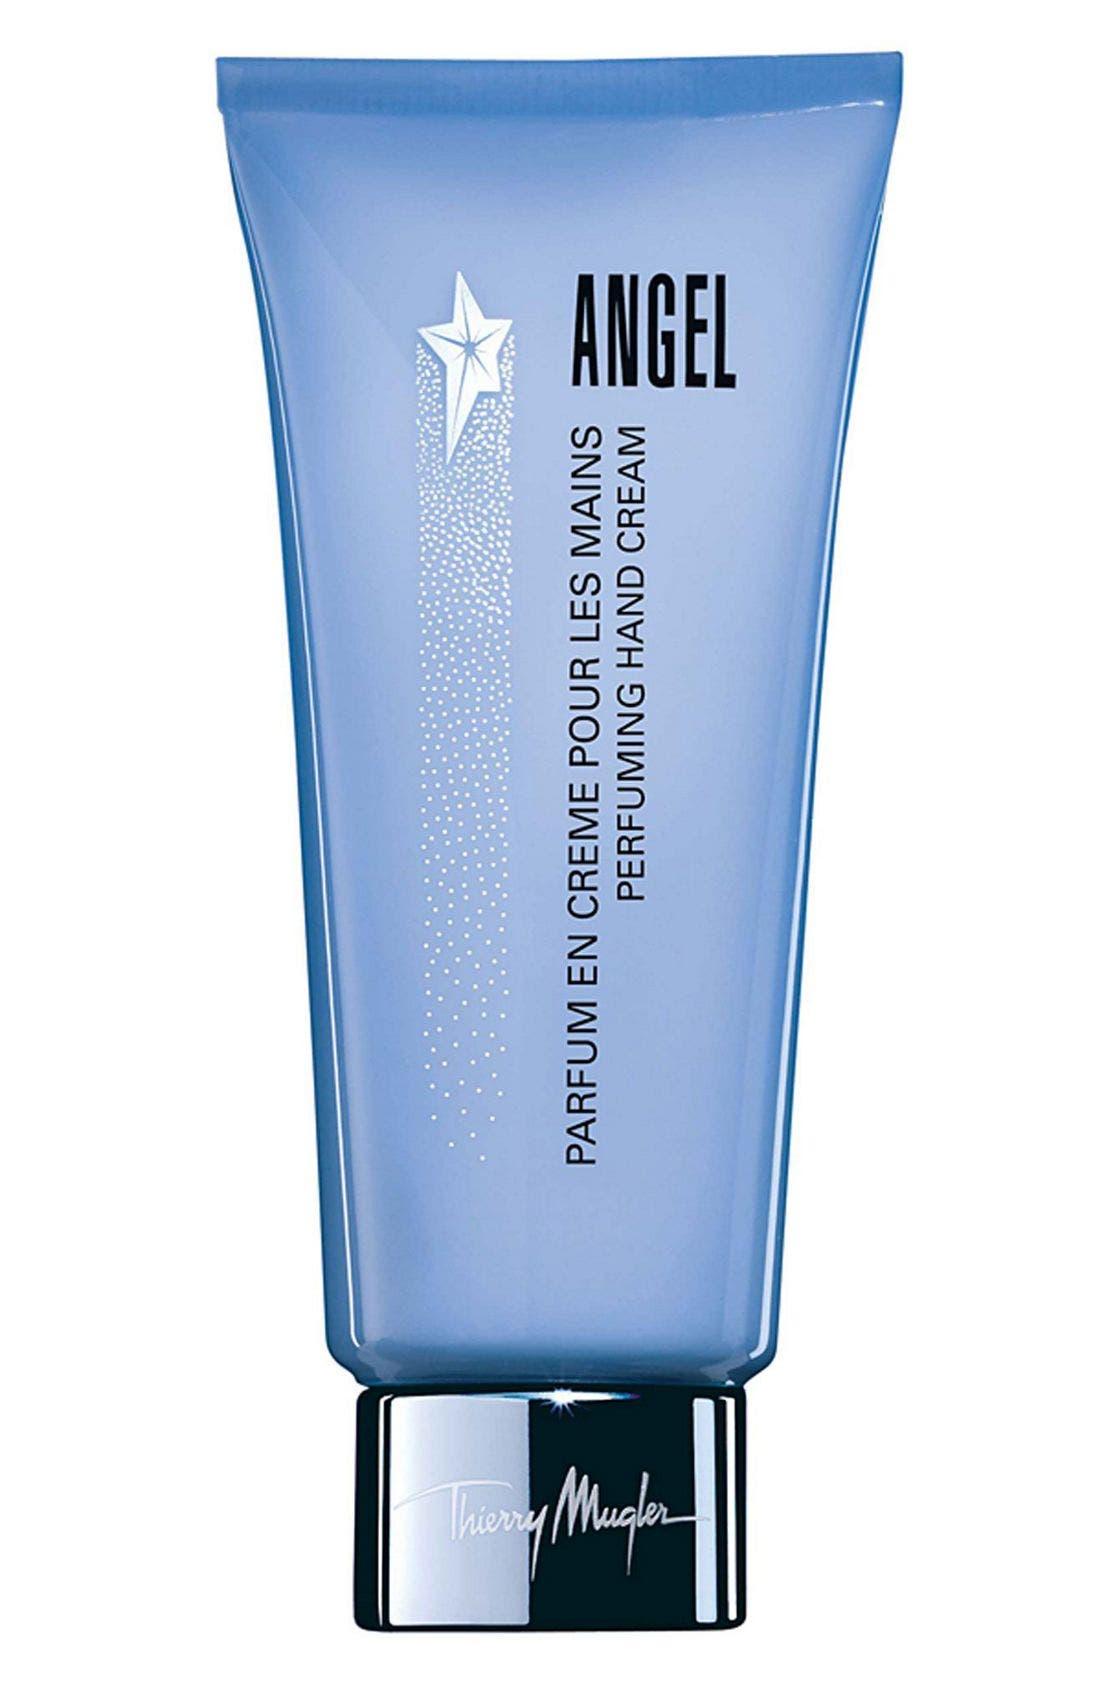 Angel by Mugler Perfuming Hand Cream